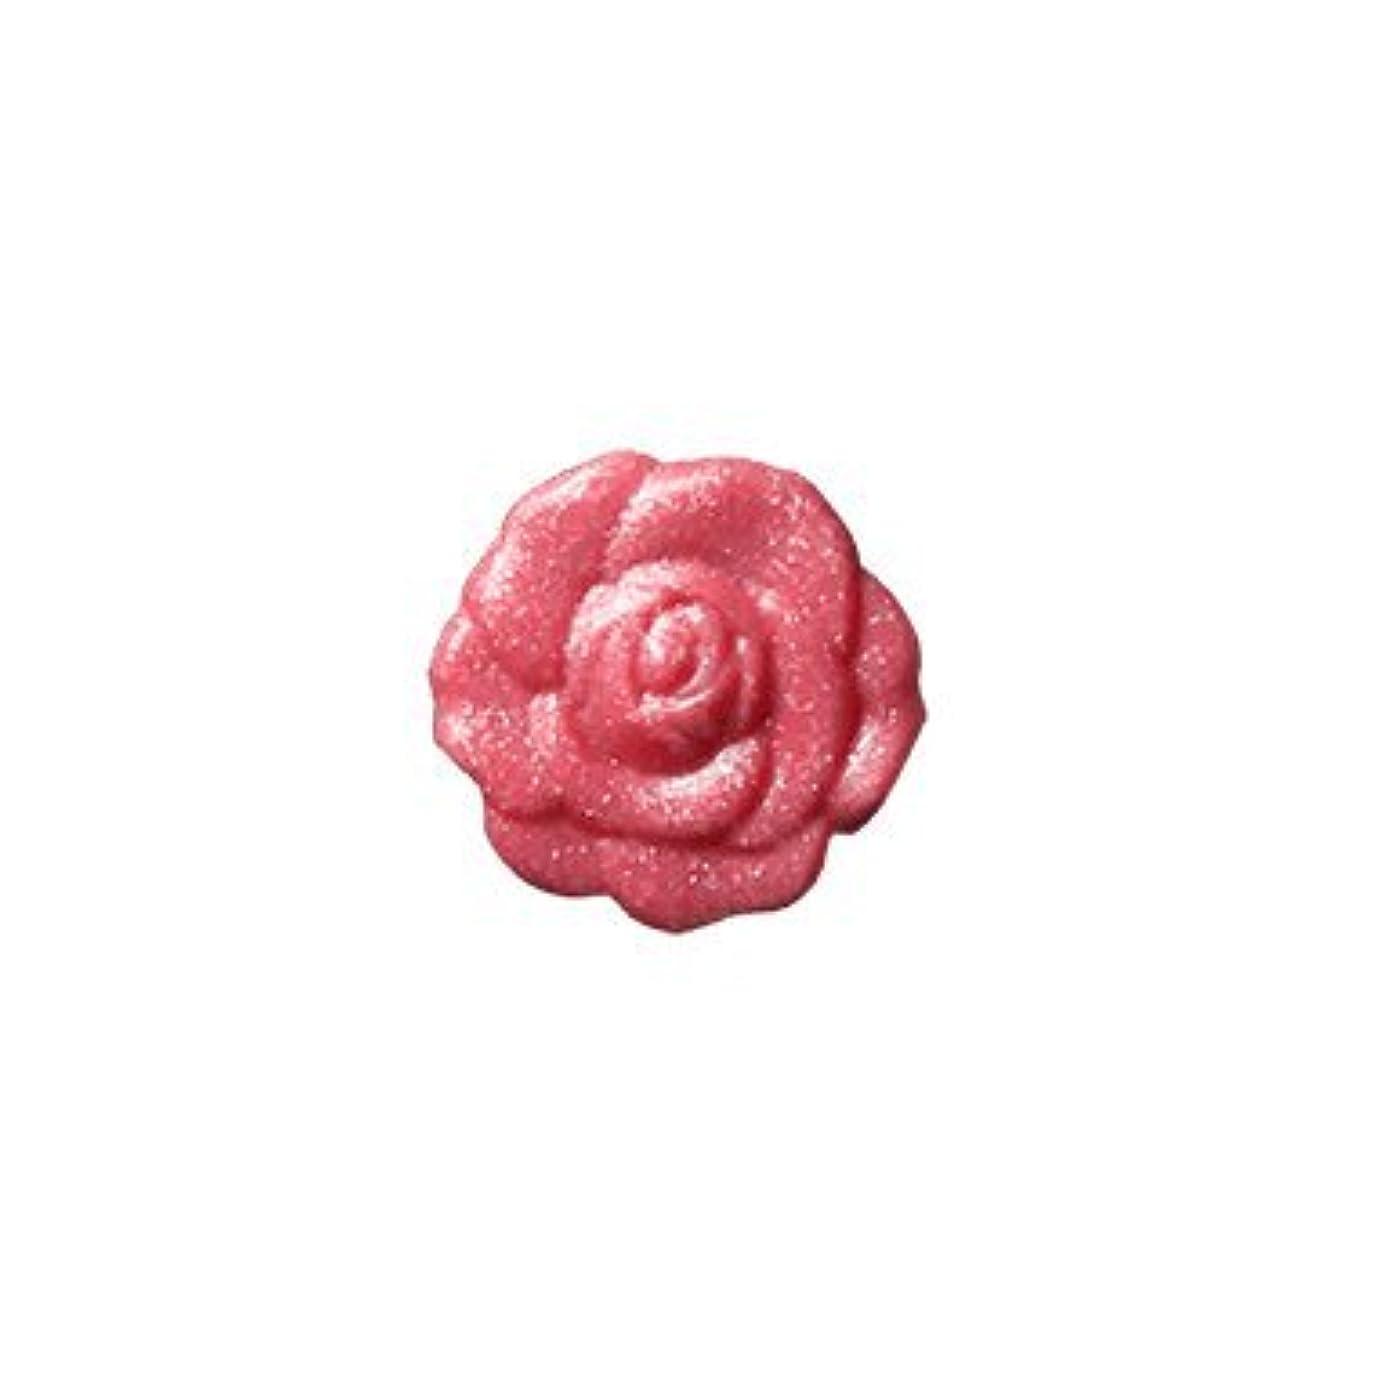 議題ファンド息切れアナスイ【ANNA SUI】『リップスティック/S 』 (S301 シャイニーコーラルカトレア)